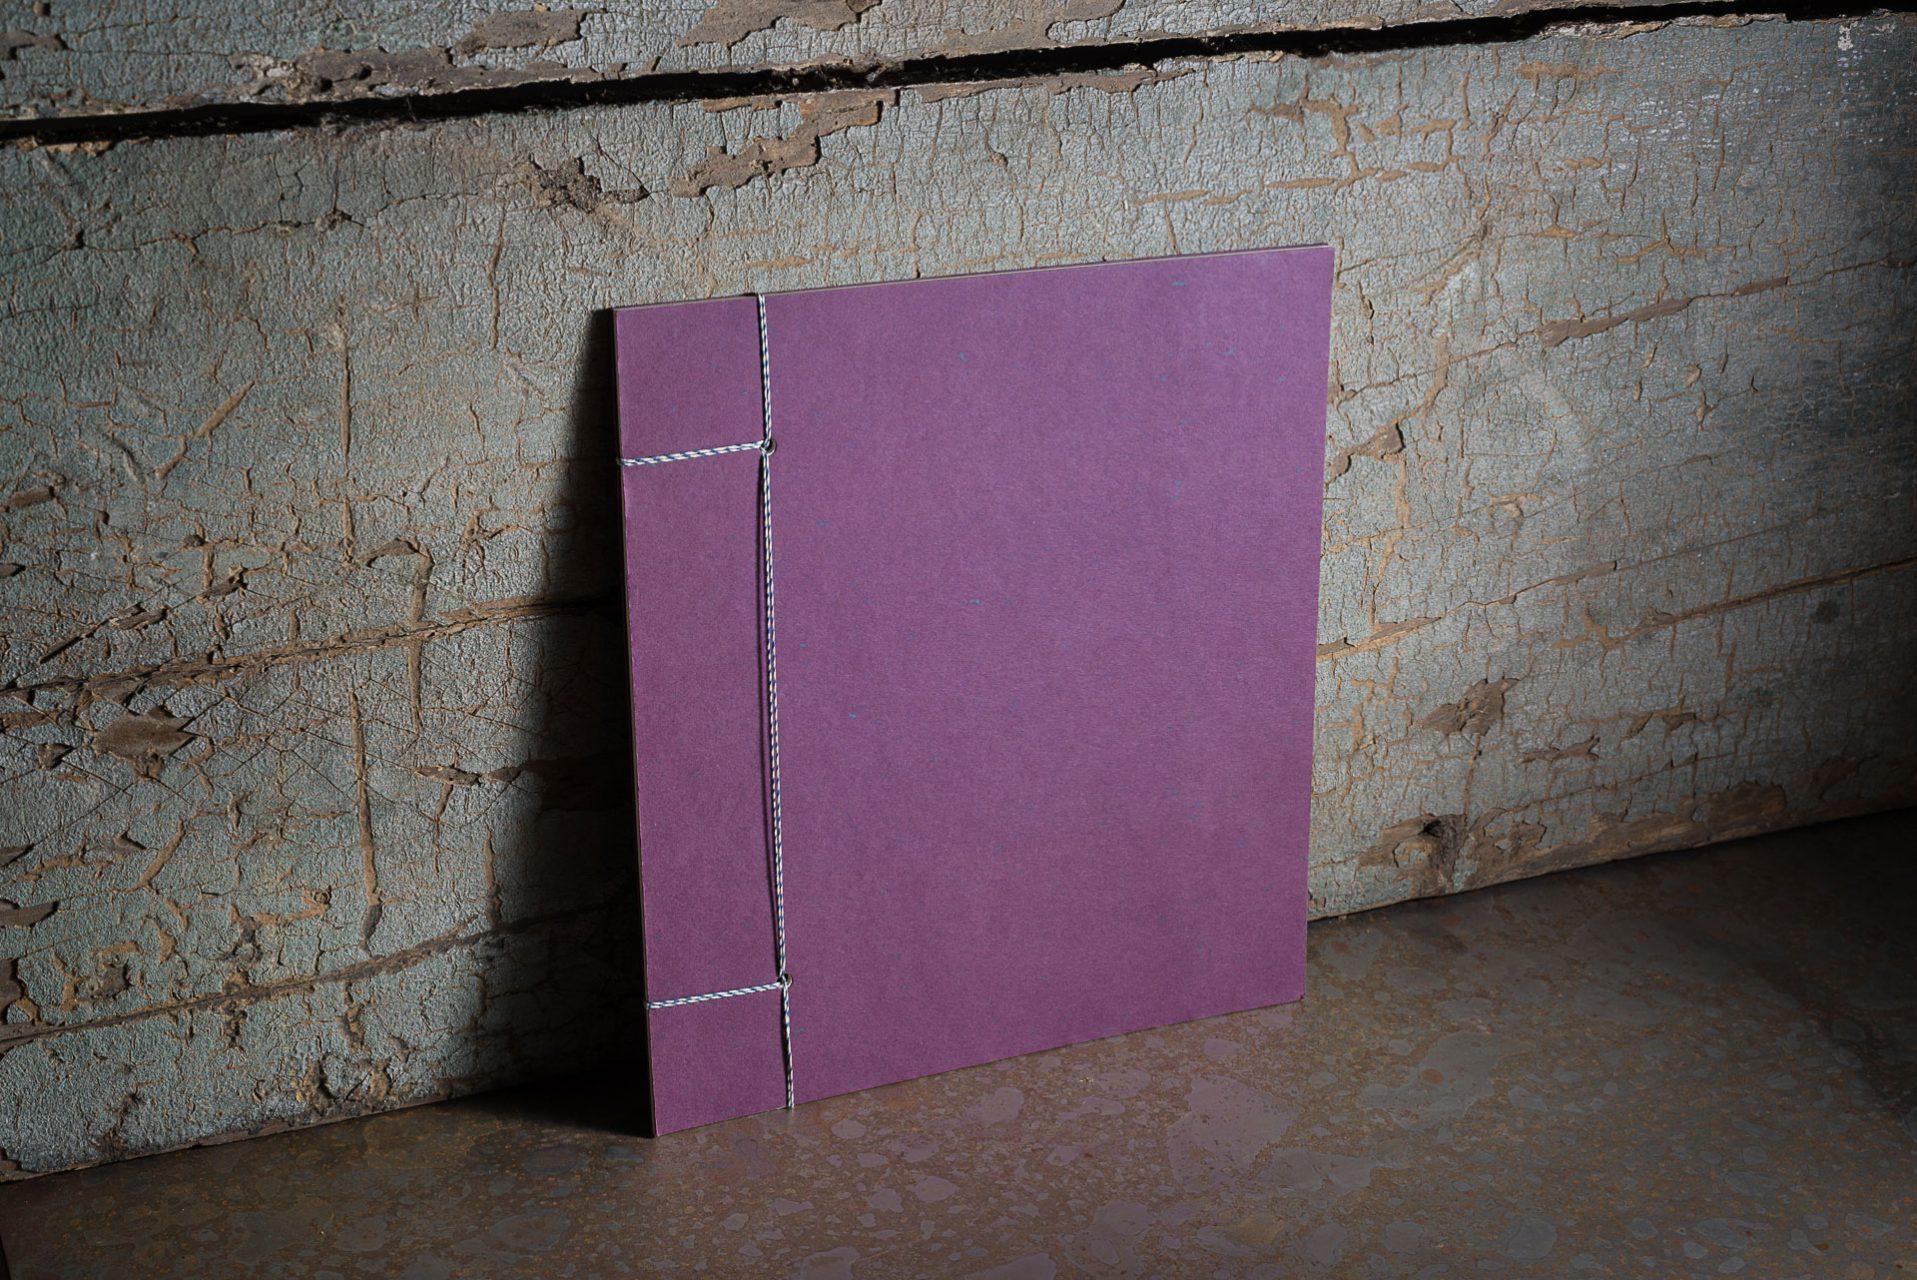 web-hd-nuit-myrtide-livre-modele-vivant-dimitri-vazemsky-01